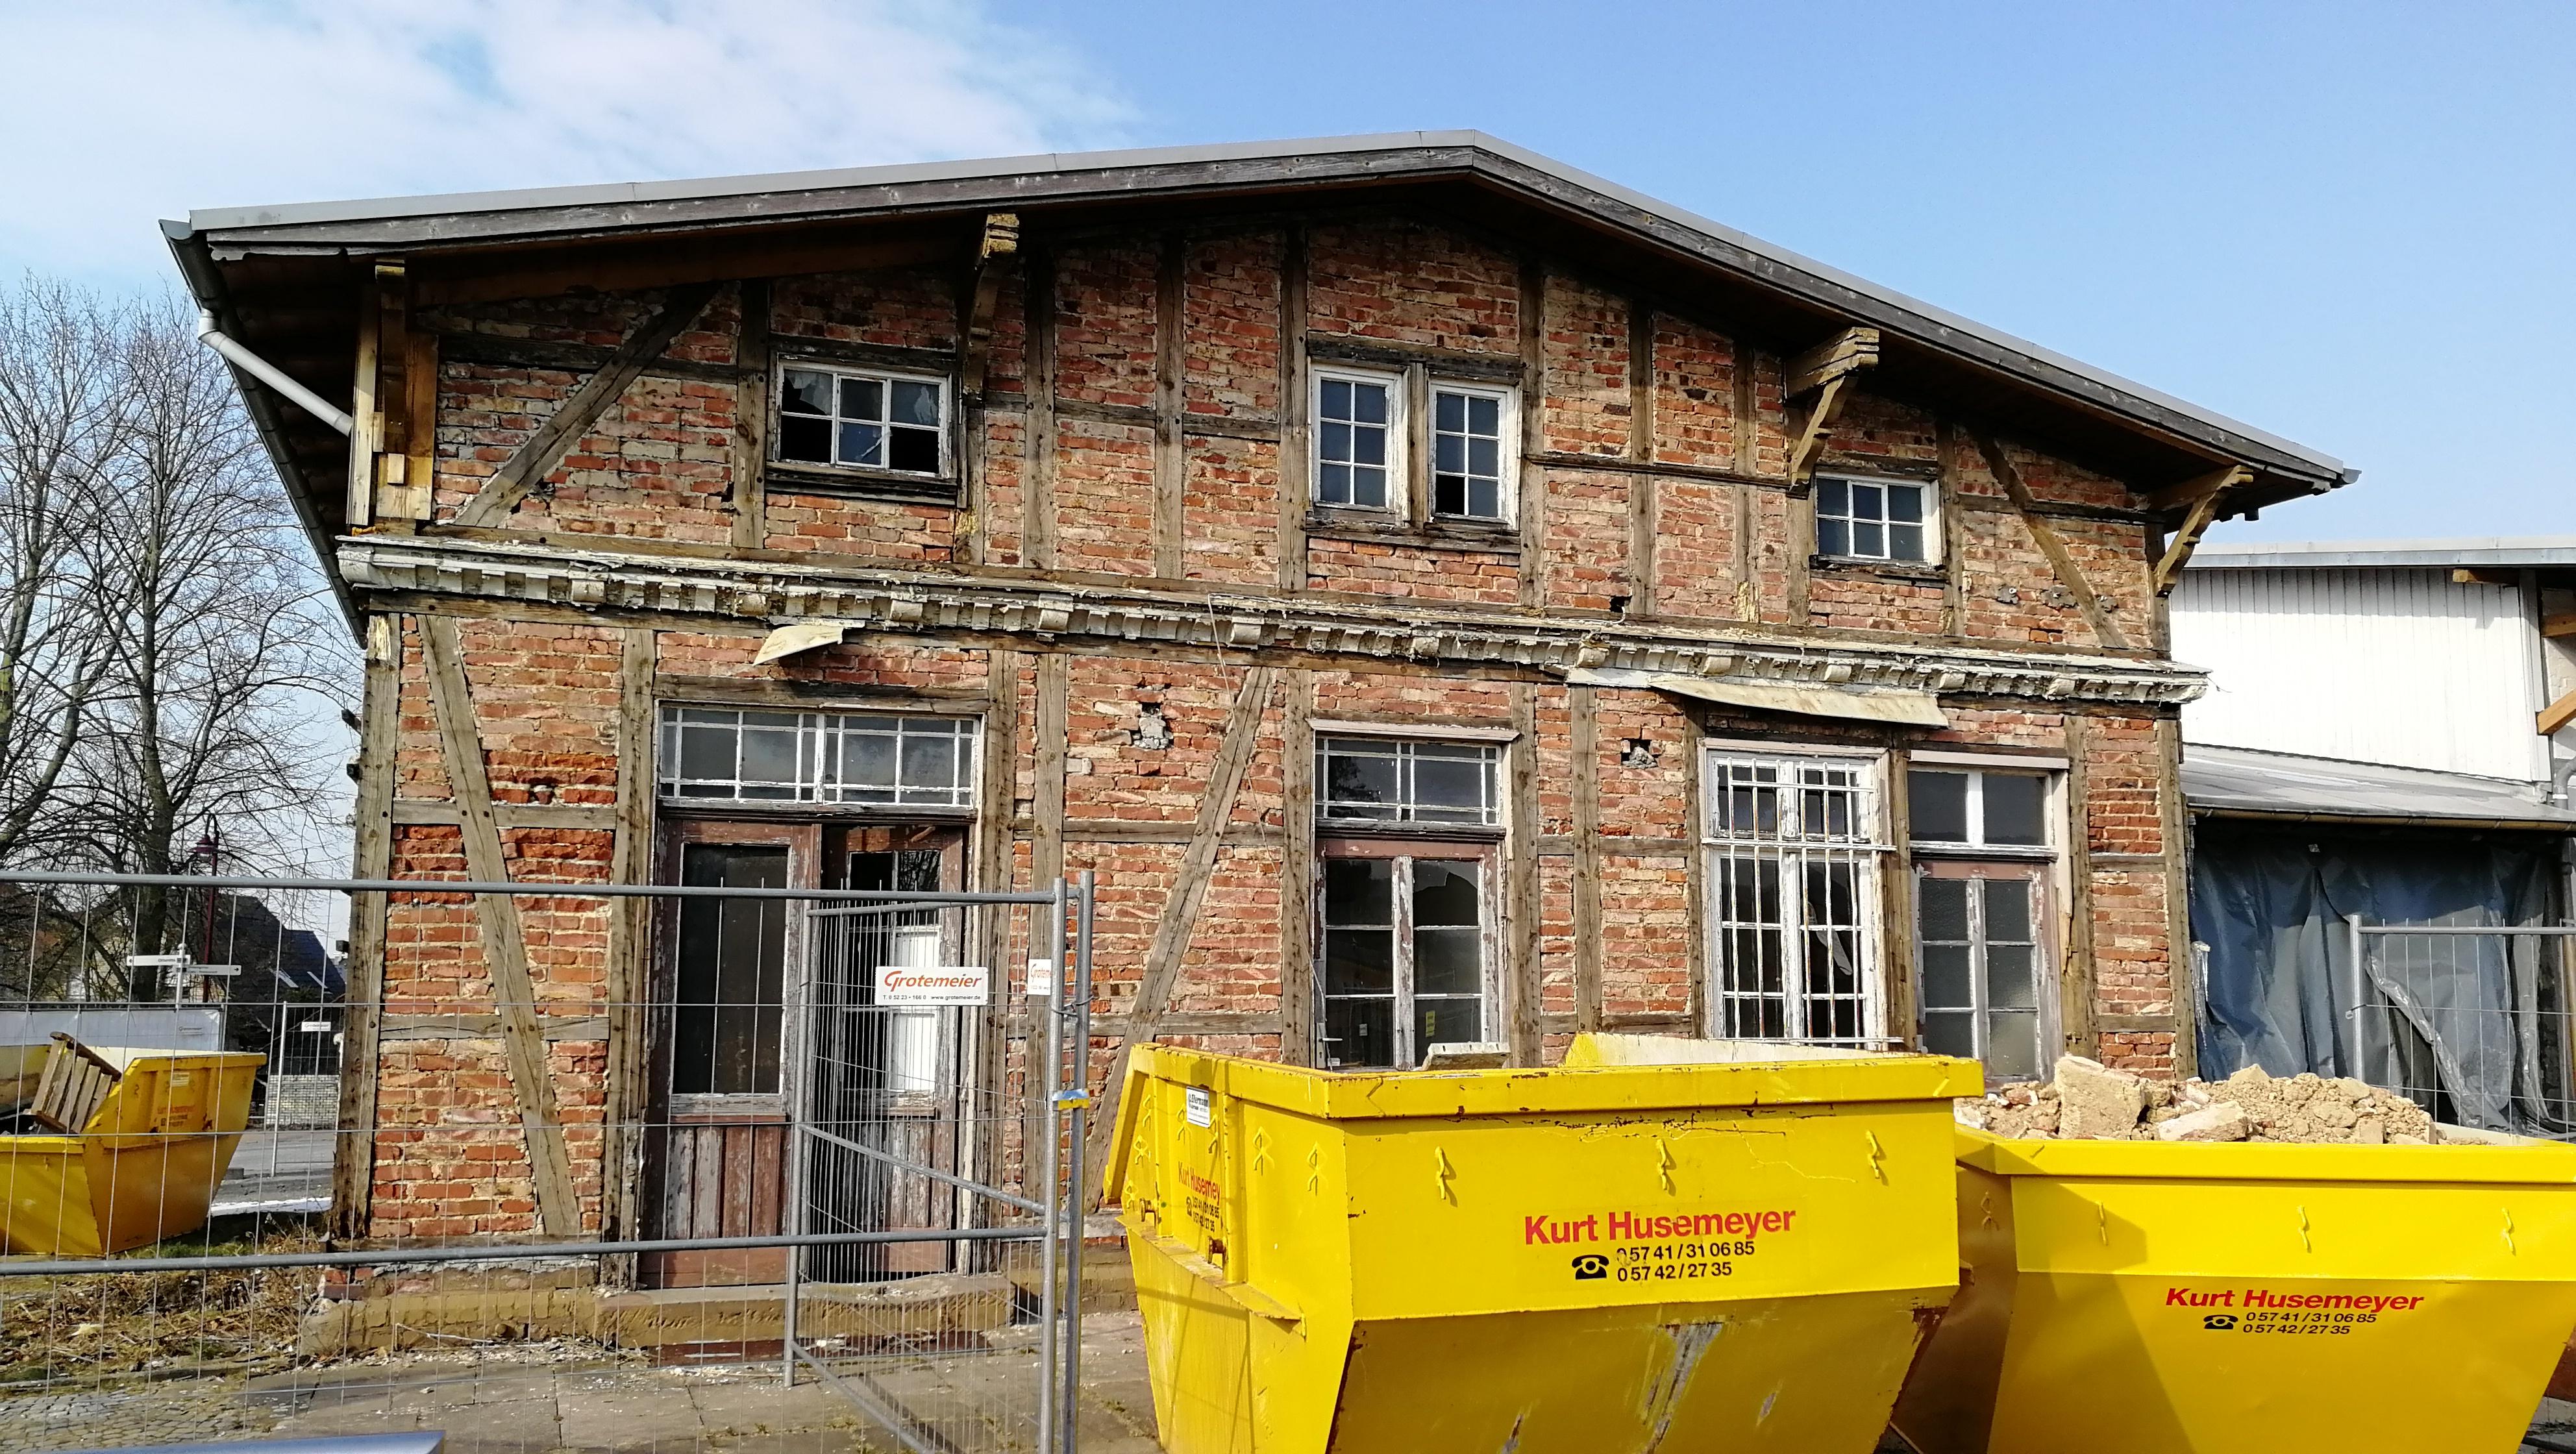 File Bahnhof Holzhausen Heddinghausen 180303 Jpg Wikimedia Commons